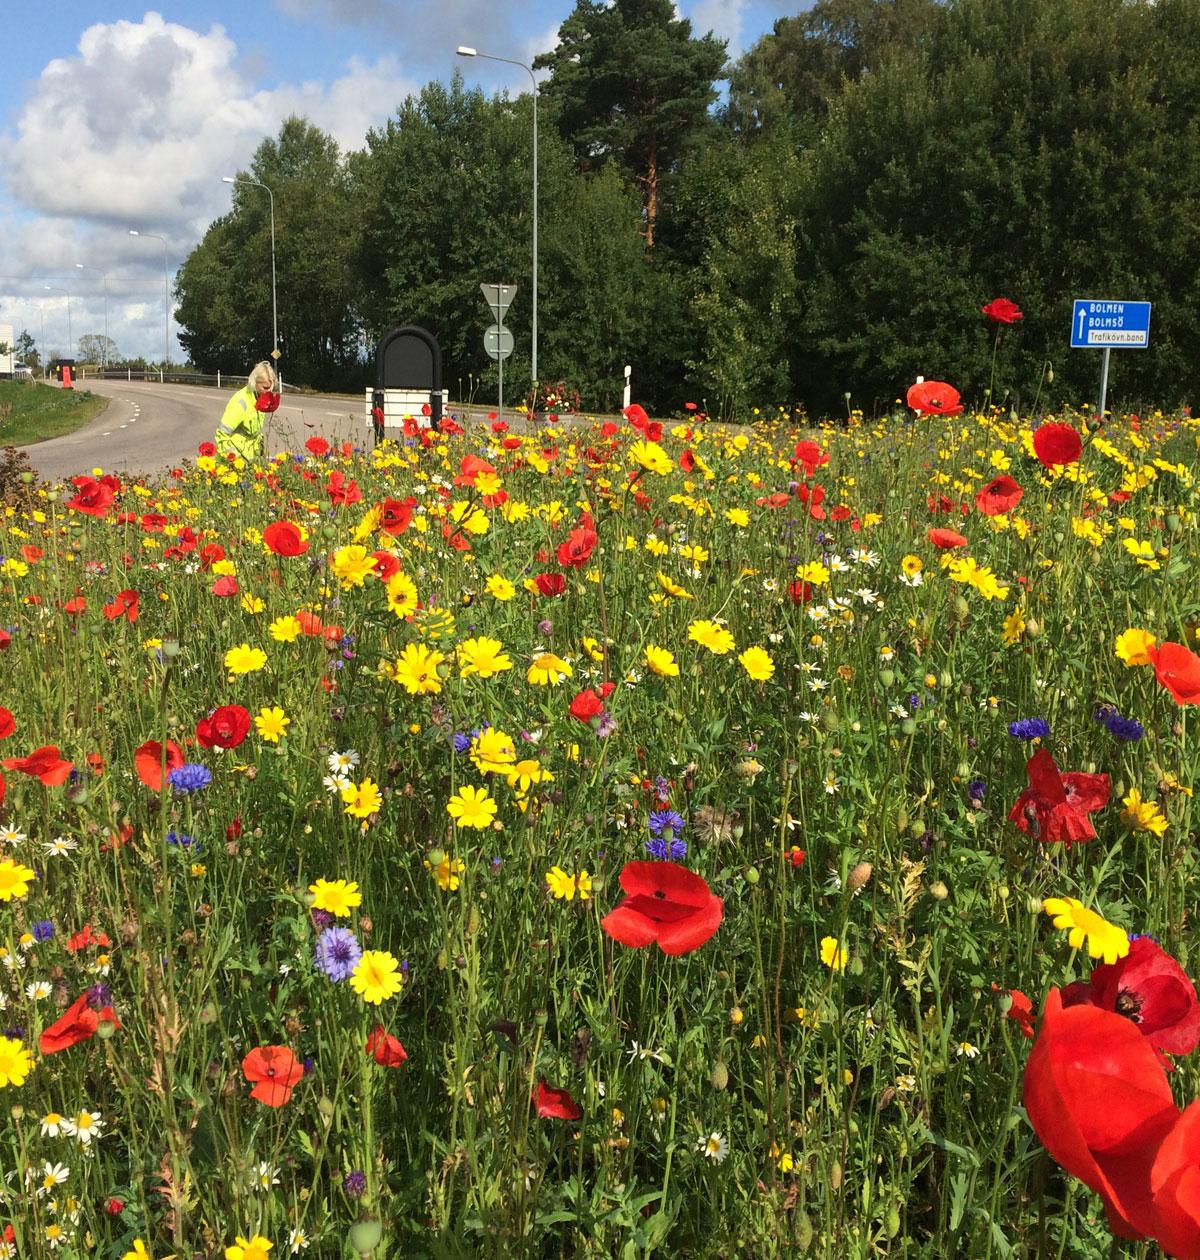 Cornfield Mix - Ljungby kommun